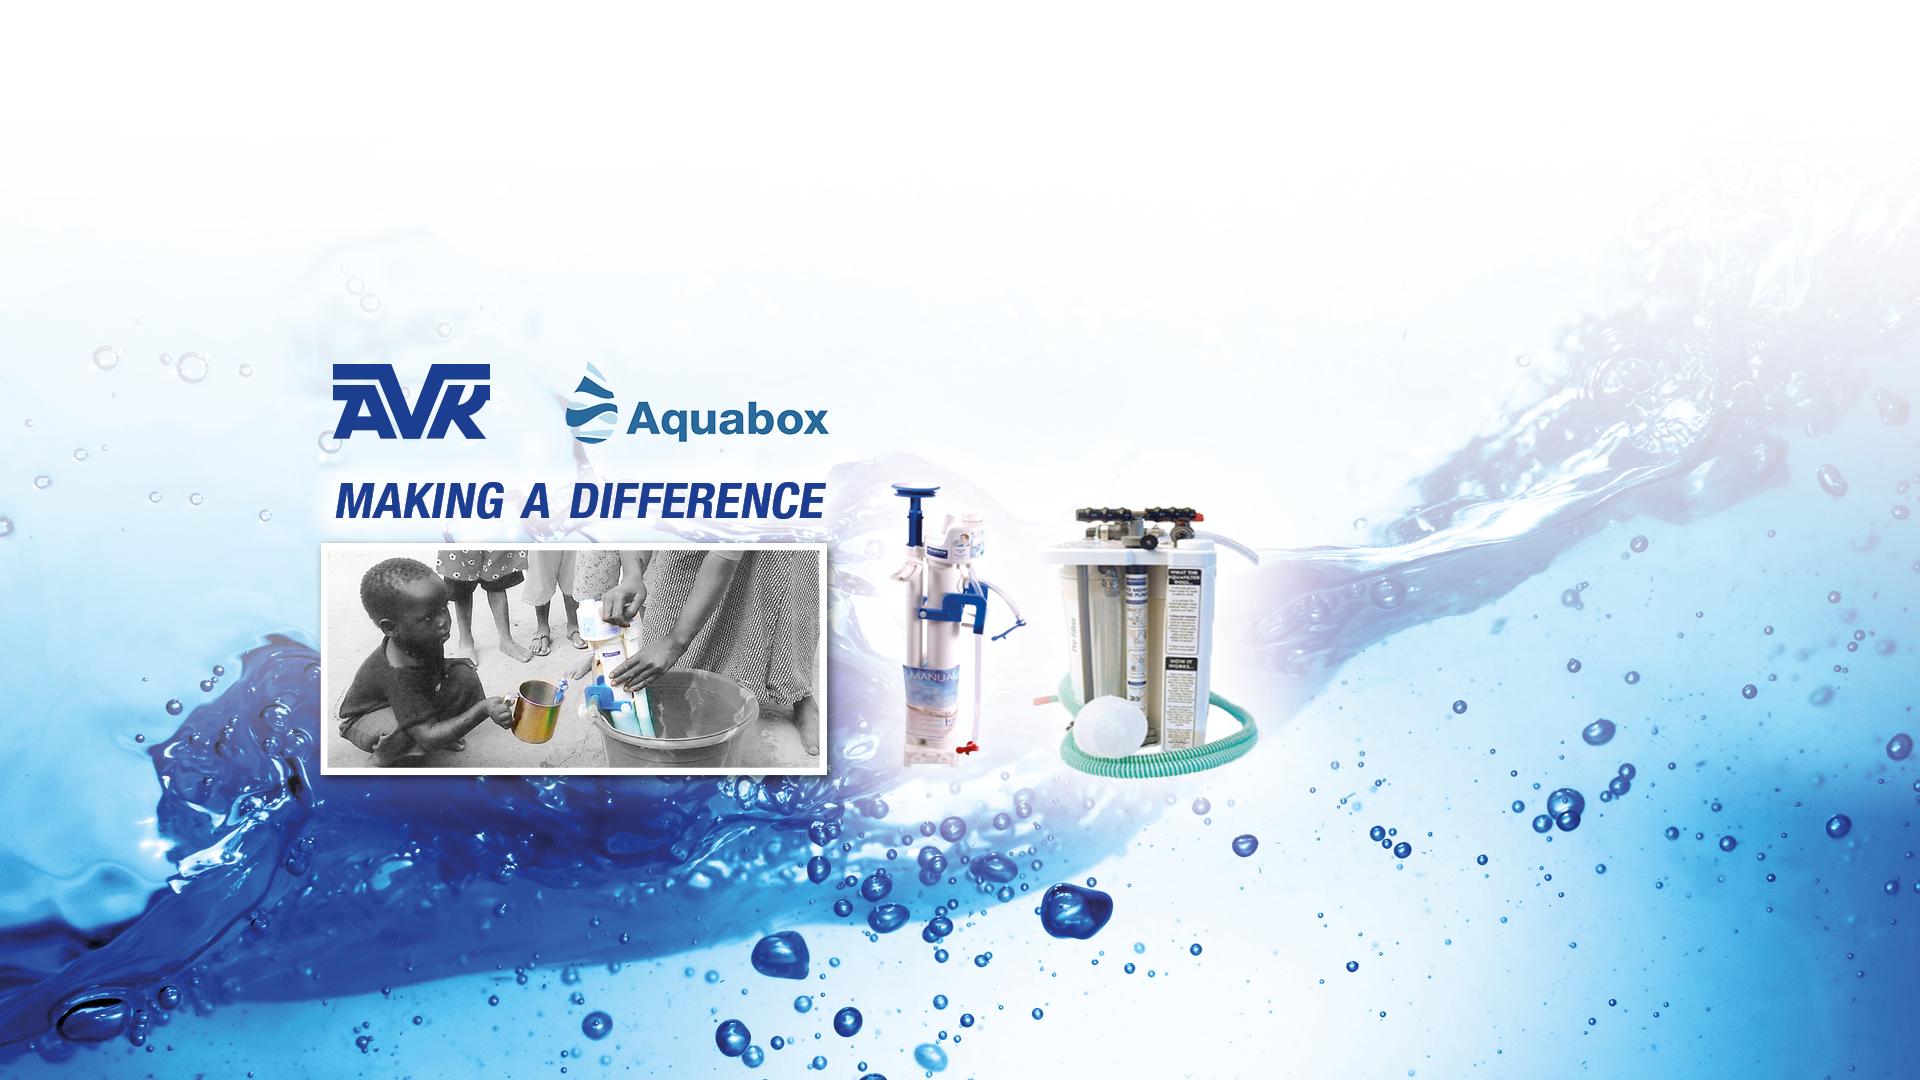 AVK UK Aquabox charity